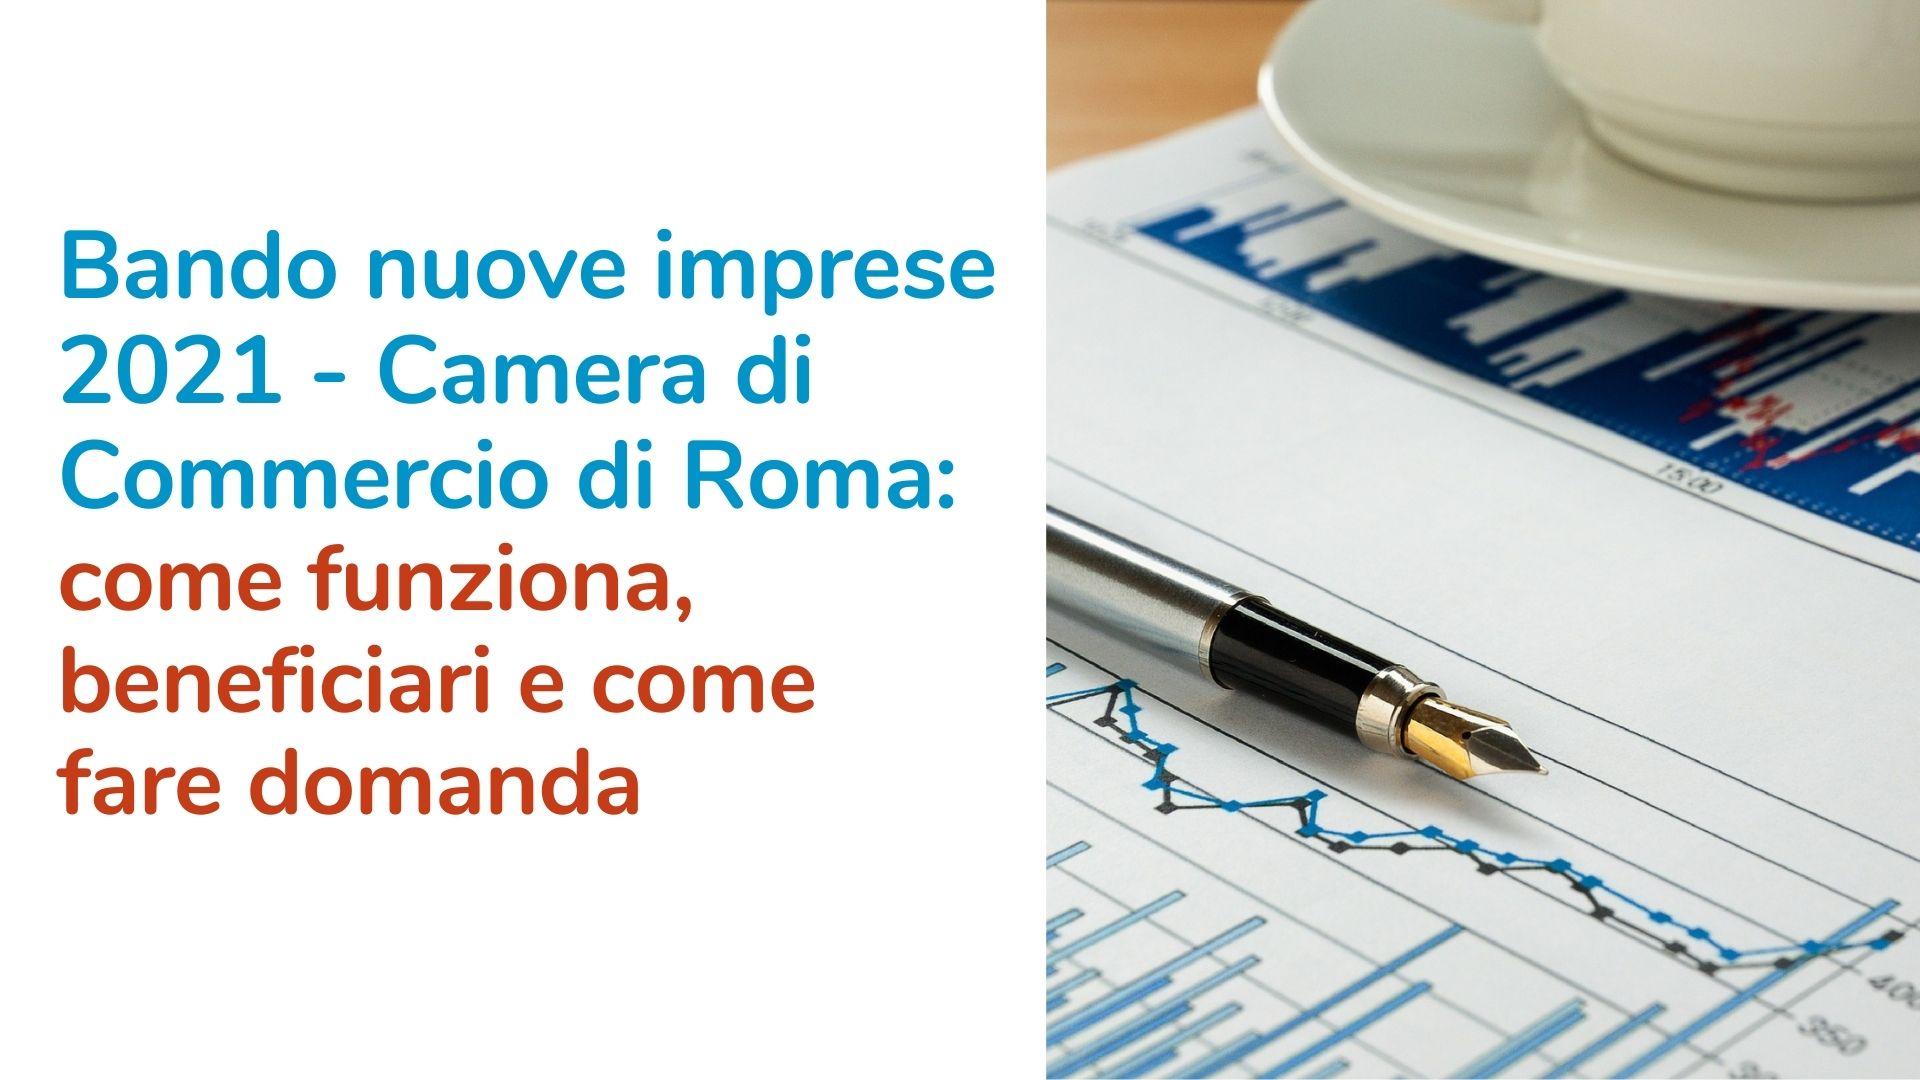 Bando nuove imprese 2021 – Camera di Commercio di Roma: come funziona, beneficiari e come fare domanda